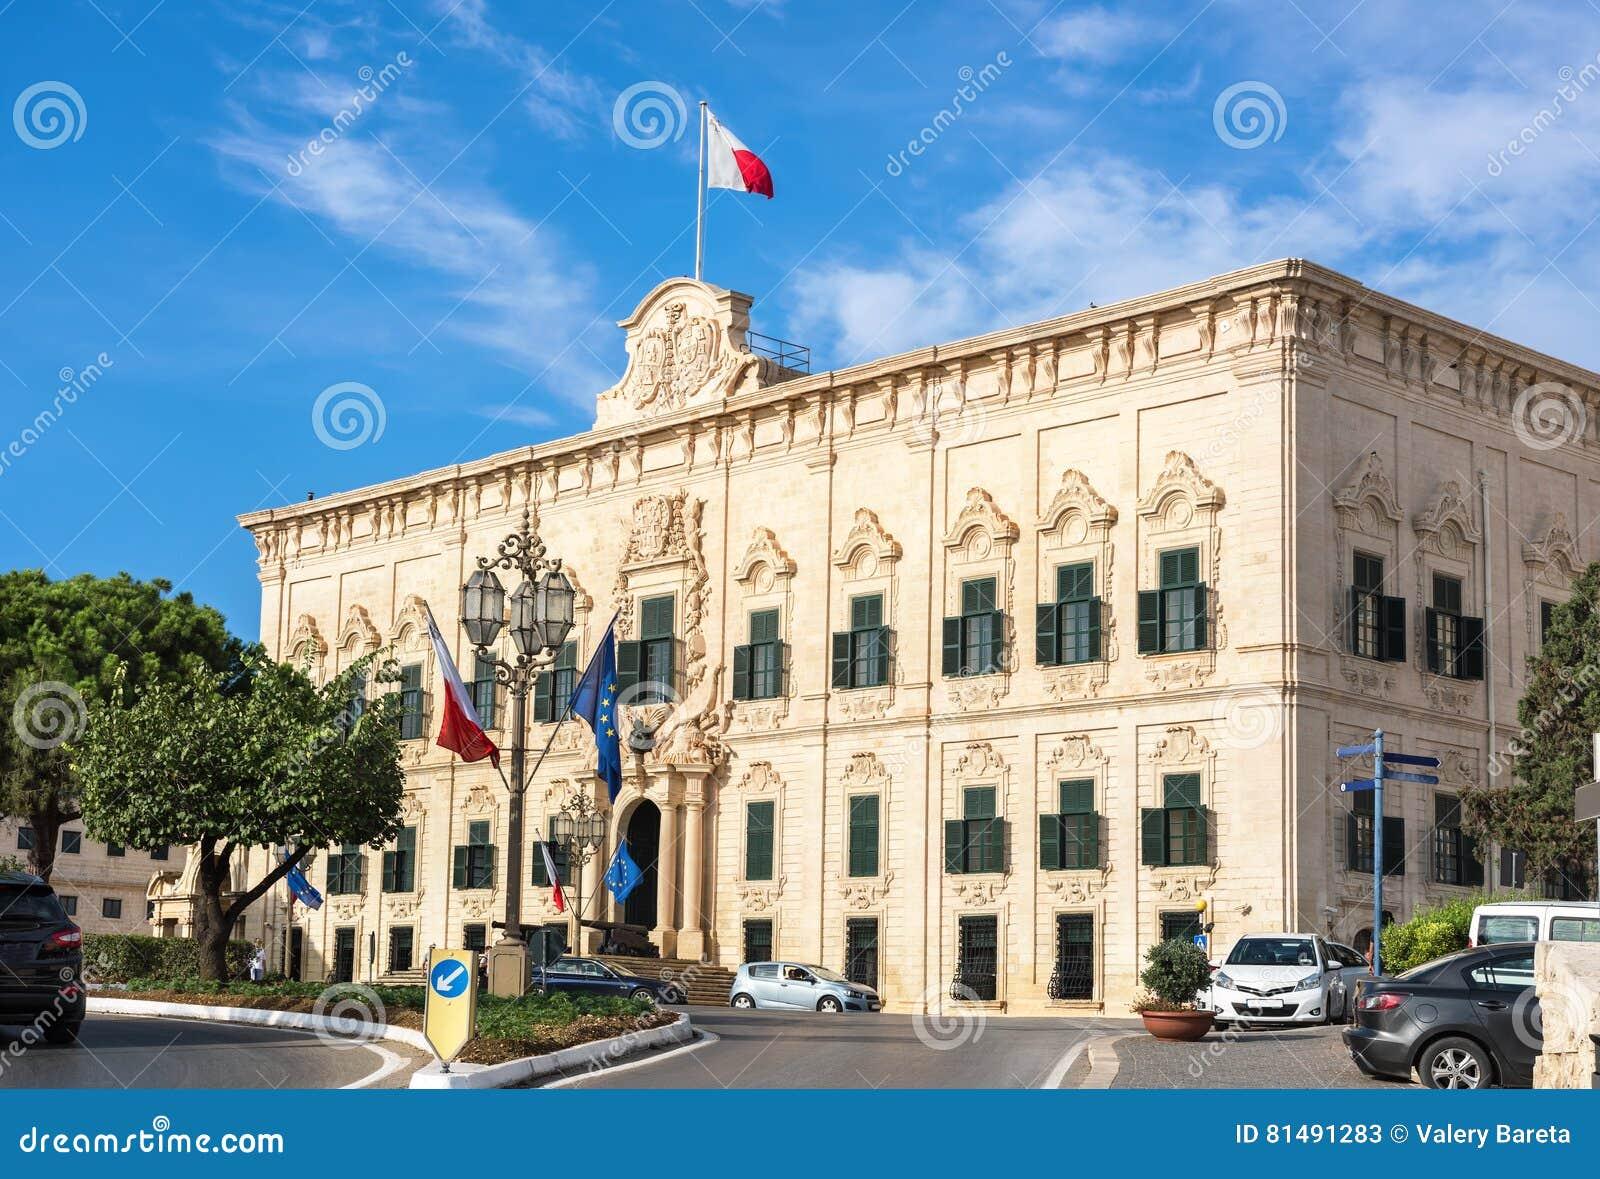 Ufficio Primo : Auberge de castille et palazzo di leon lufficio del primo ministro